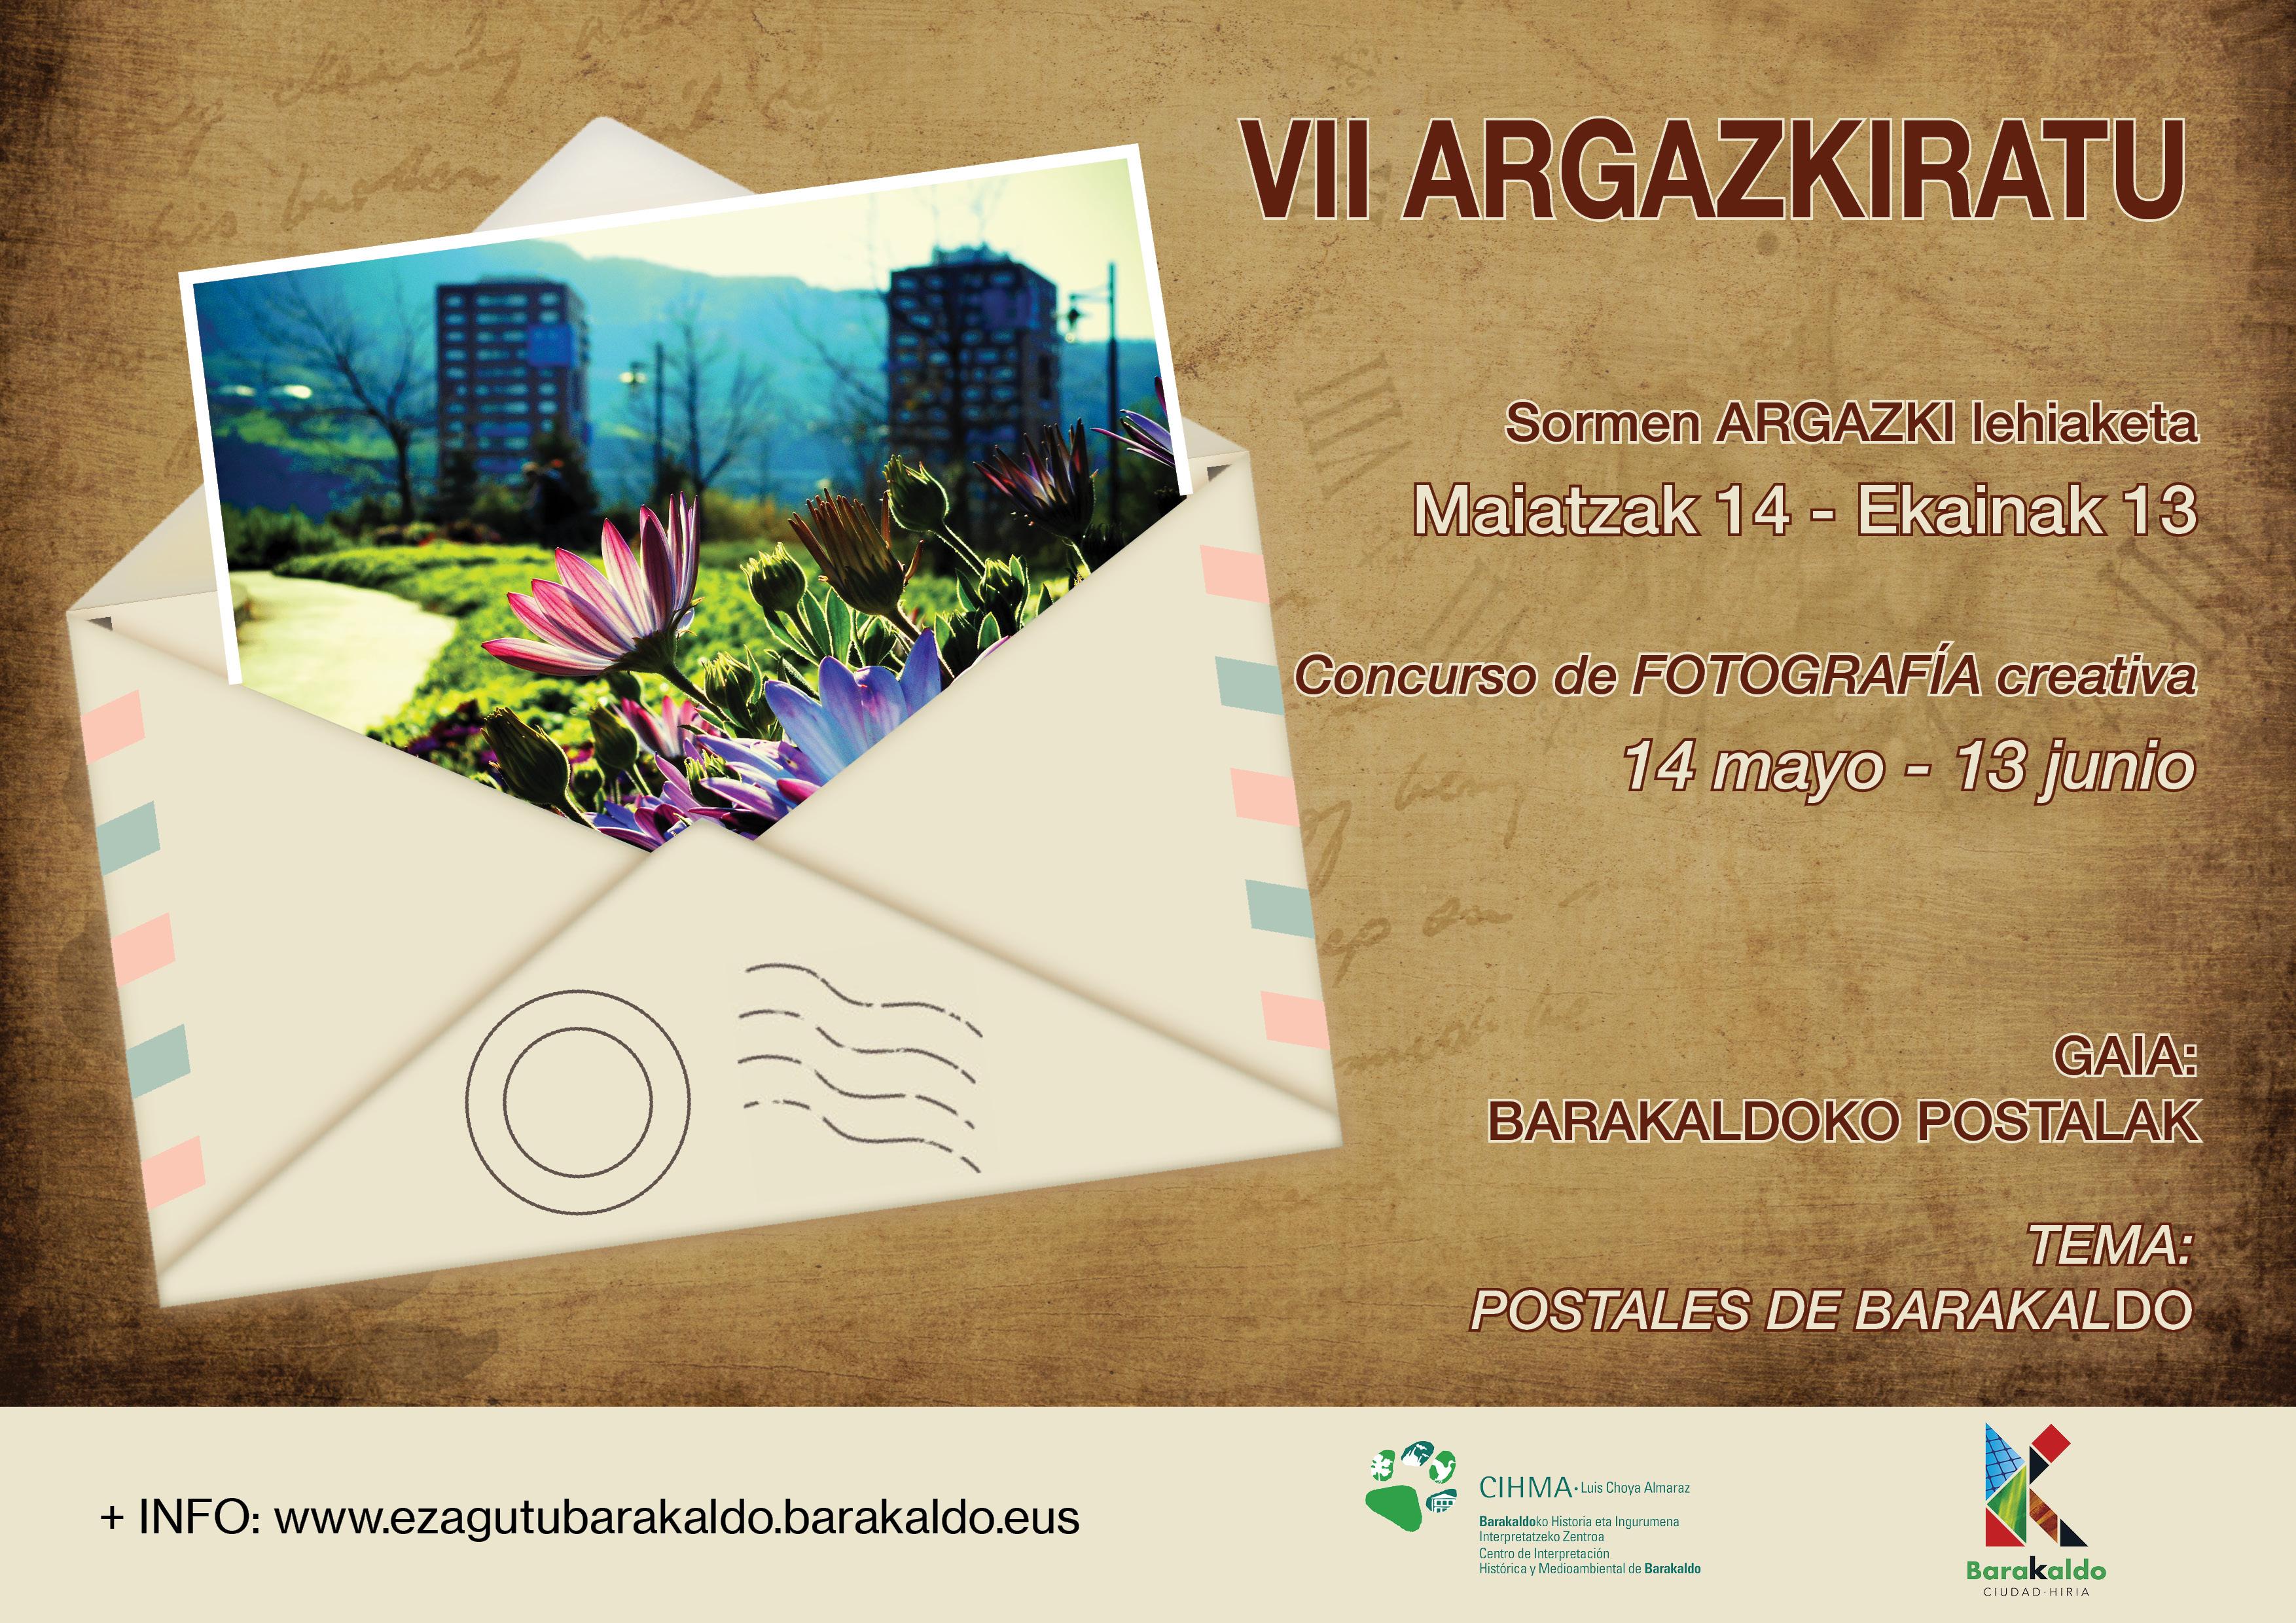 Kartela_Argazkiratu_2021_3